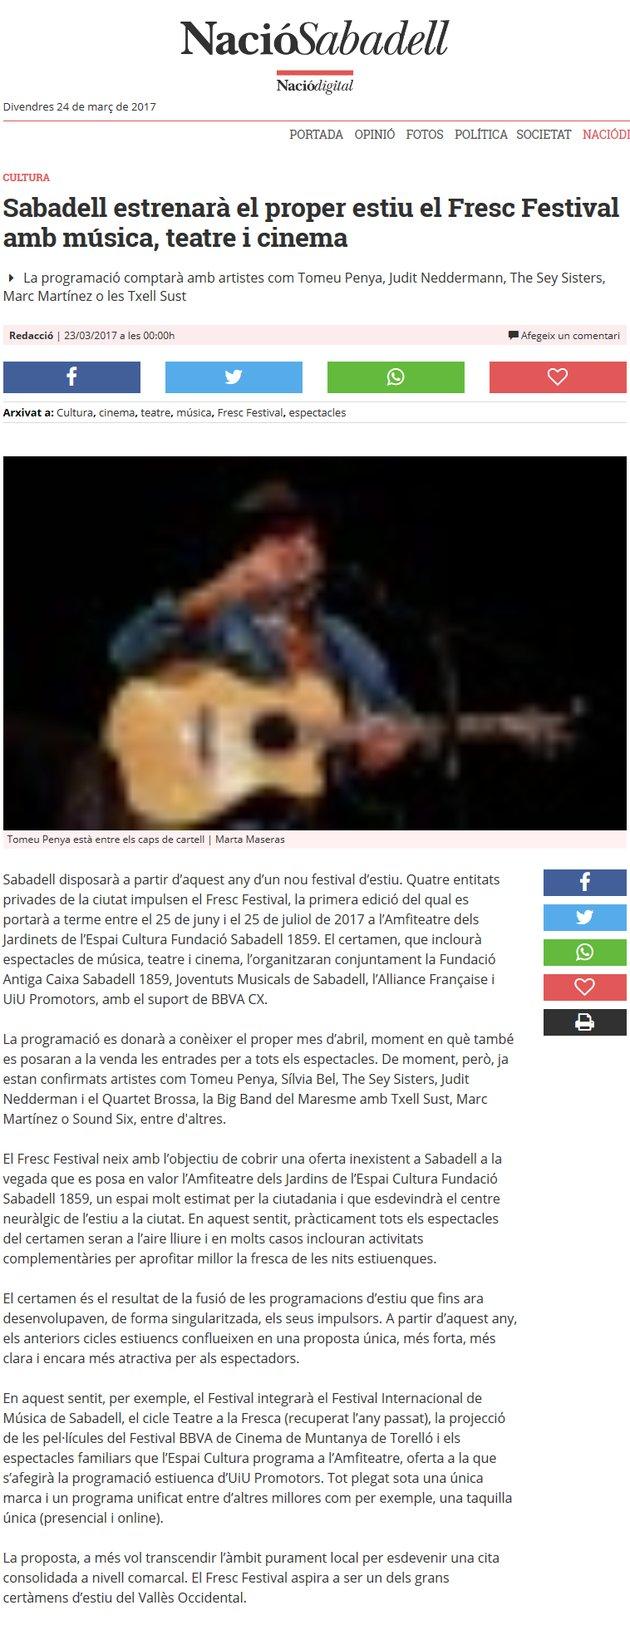 Nació Digital: Sabadell estrenarà el proper estiu el Fresc Festival amb música, teatre i cinema